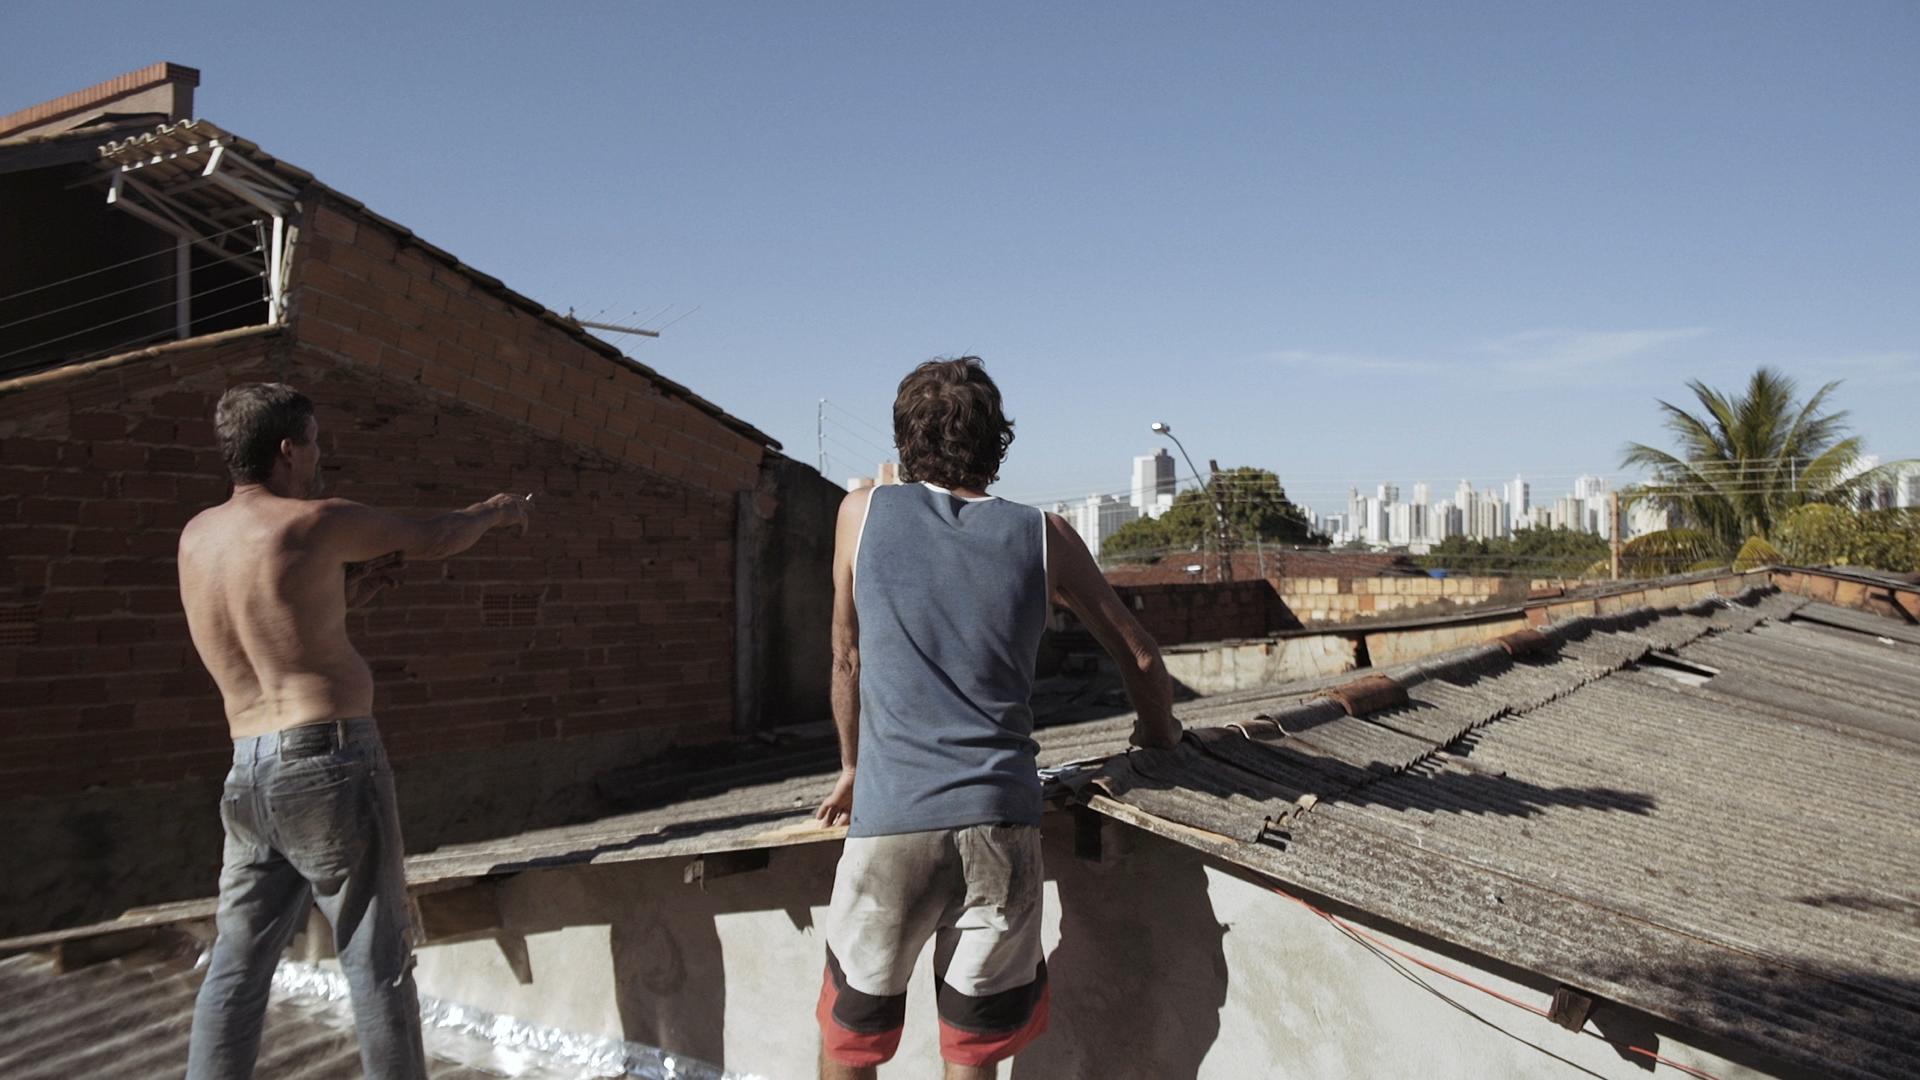 vermelha longa metragem festival tiradentes 1 - Mais Goiás